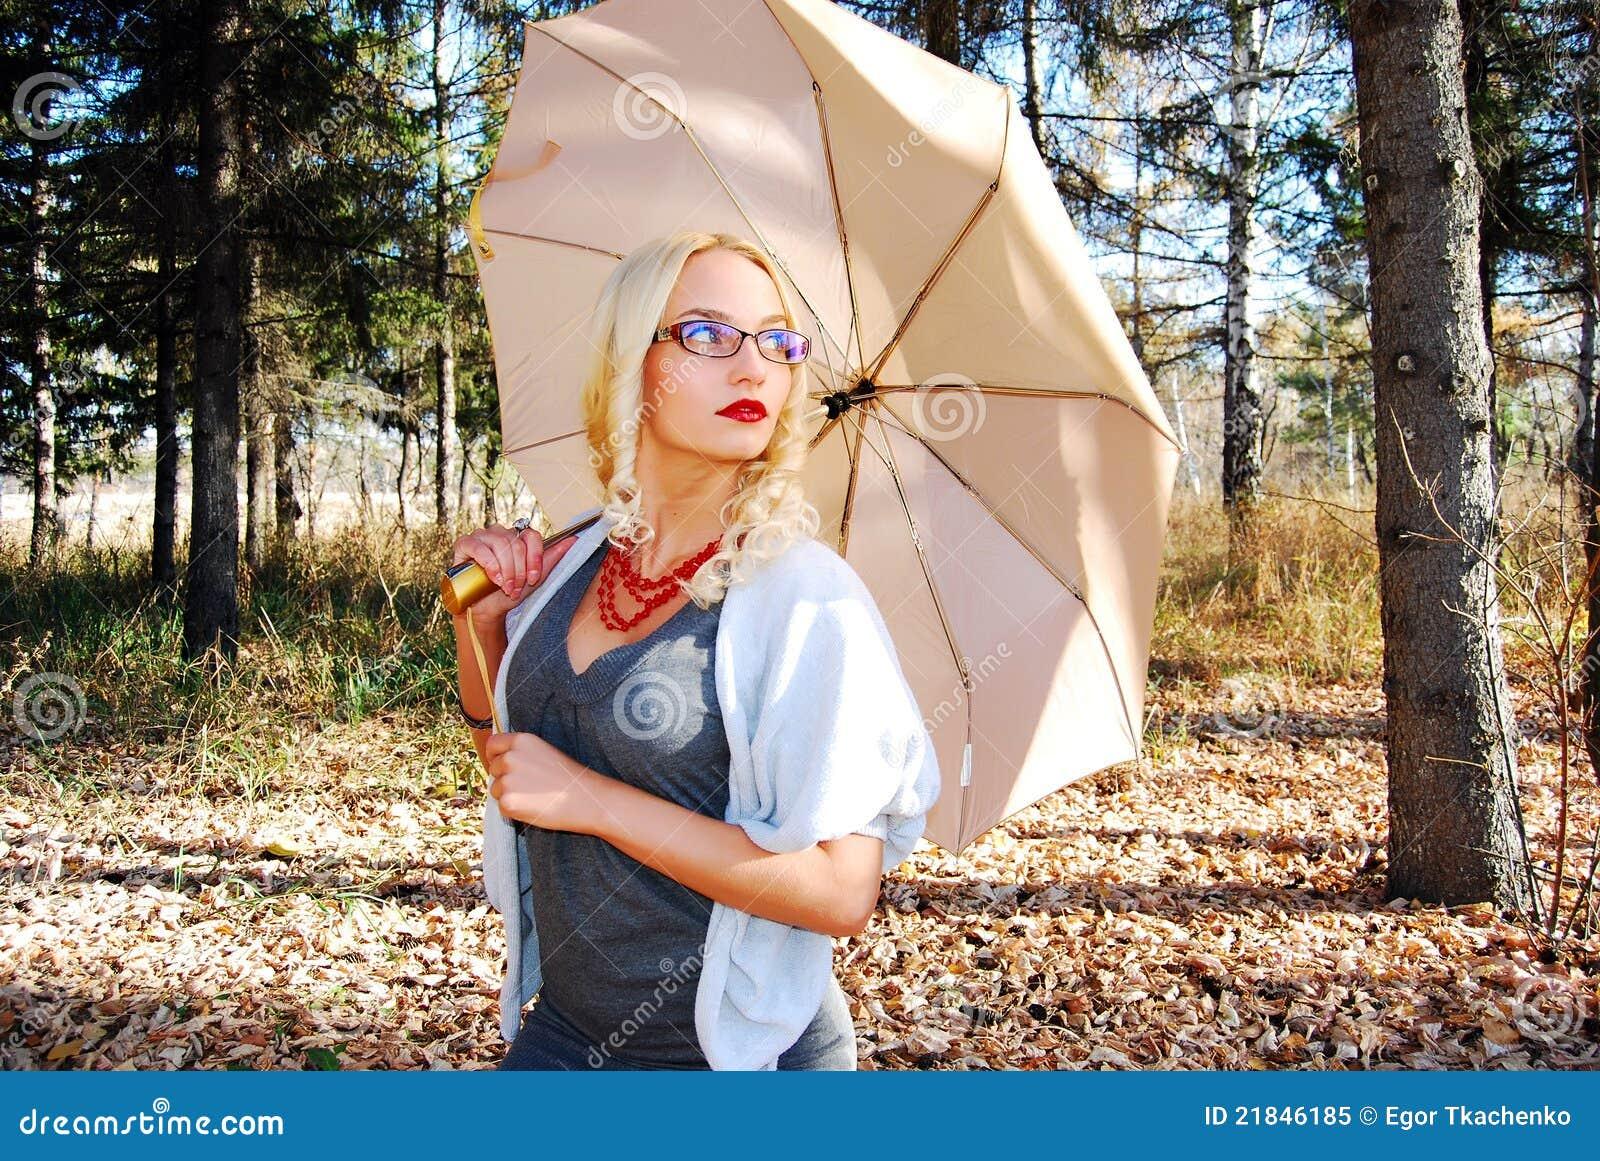 Mädchen unter Regenschirm im Herbstwald.